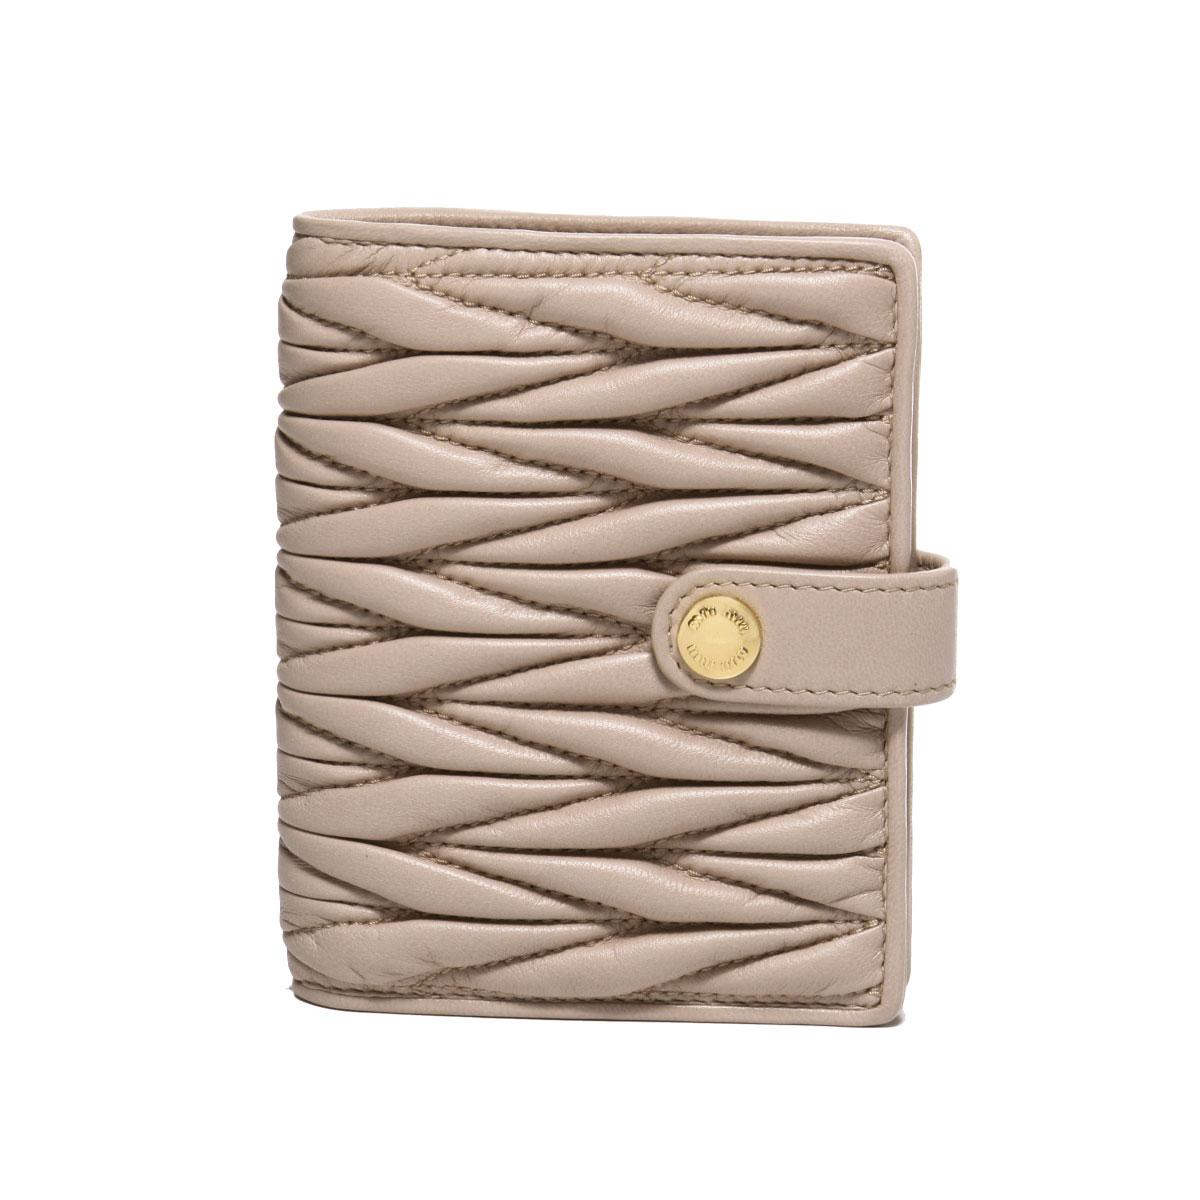 ミュウ ミュウ MIU MIU 財布 レディース 5MV016 N88 F0770 二つ折り財布 MATELASSE CAMMEO ベージュ